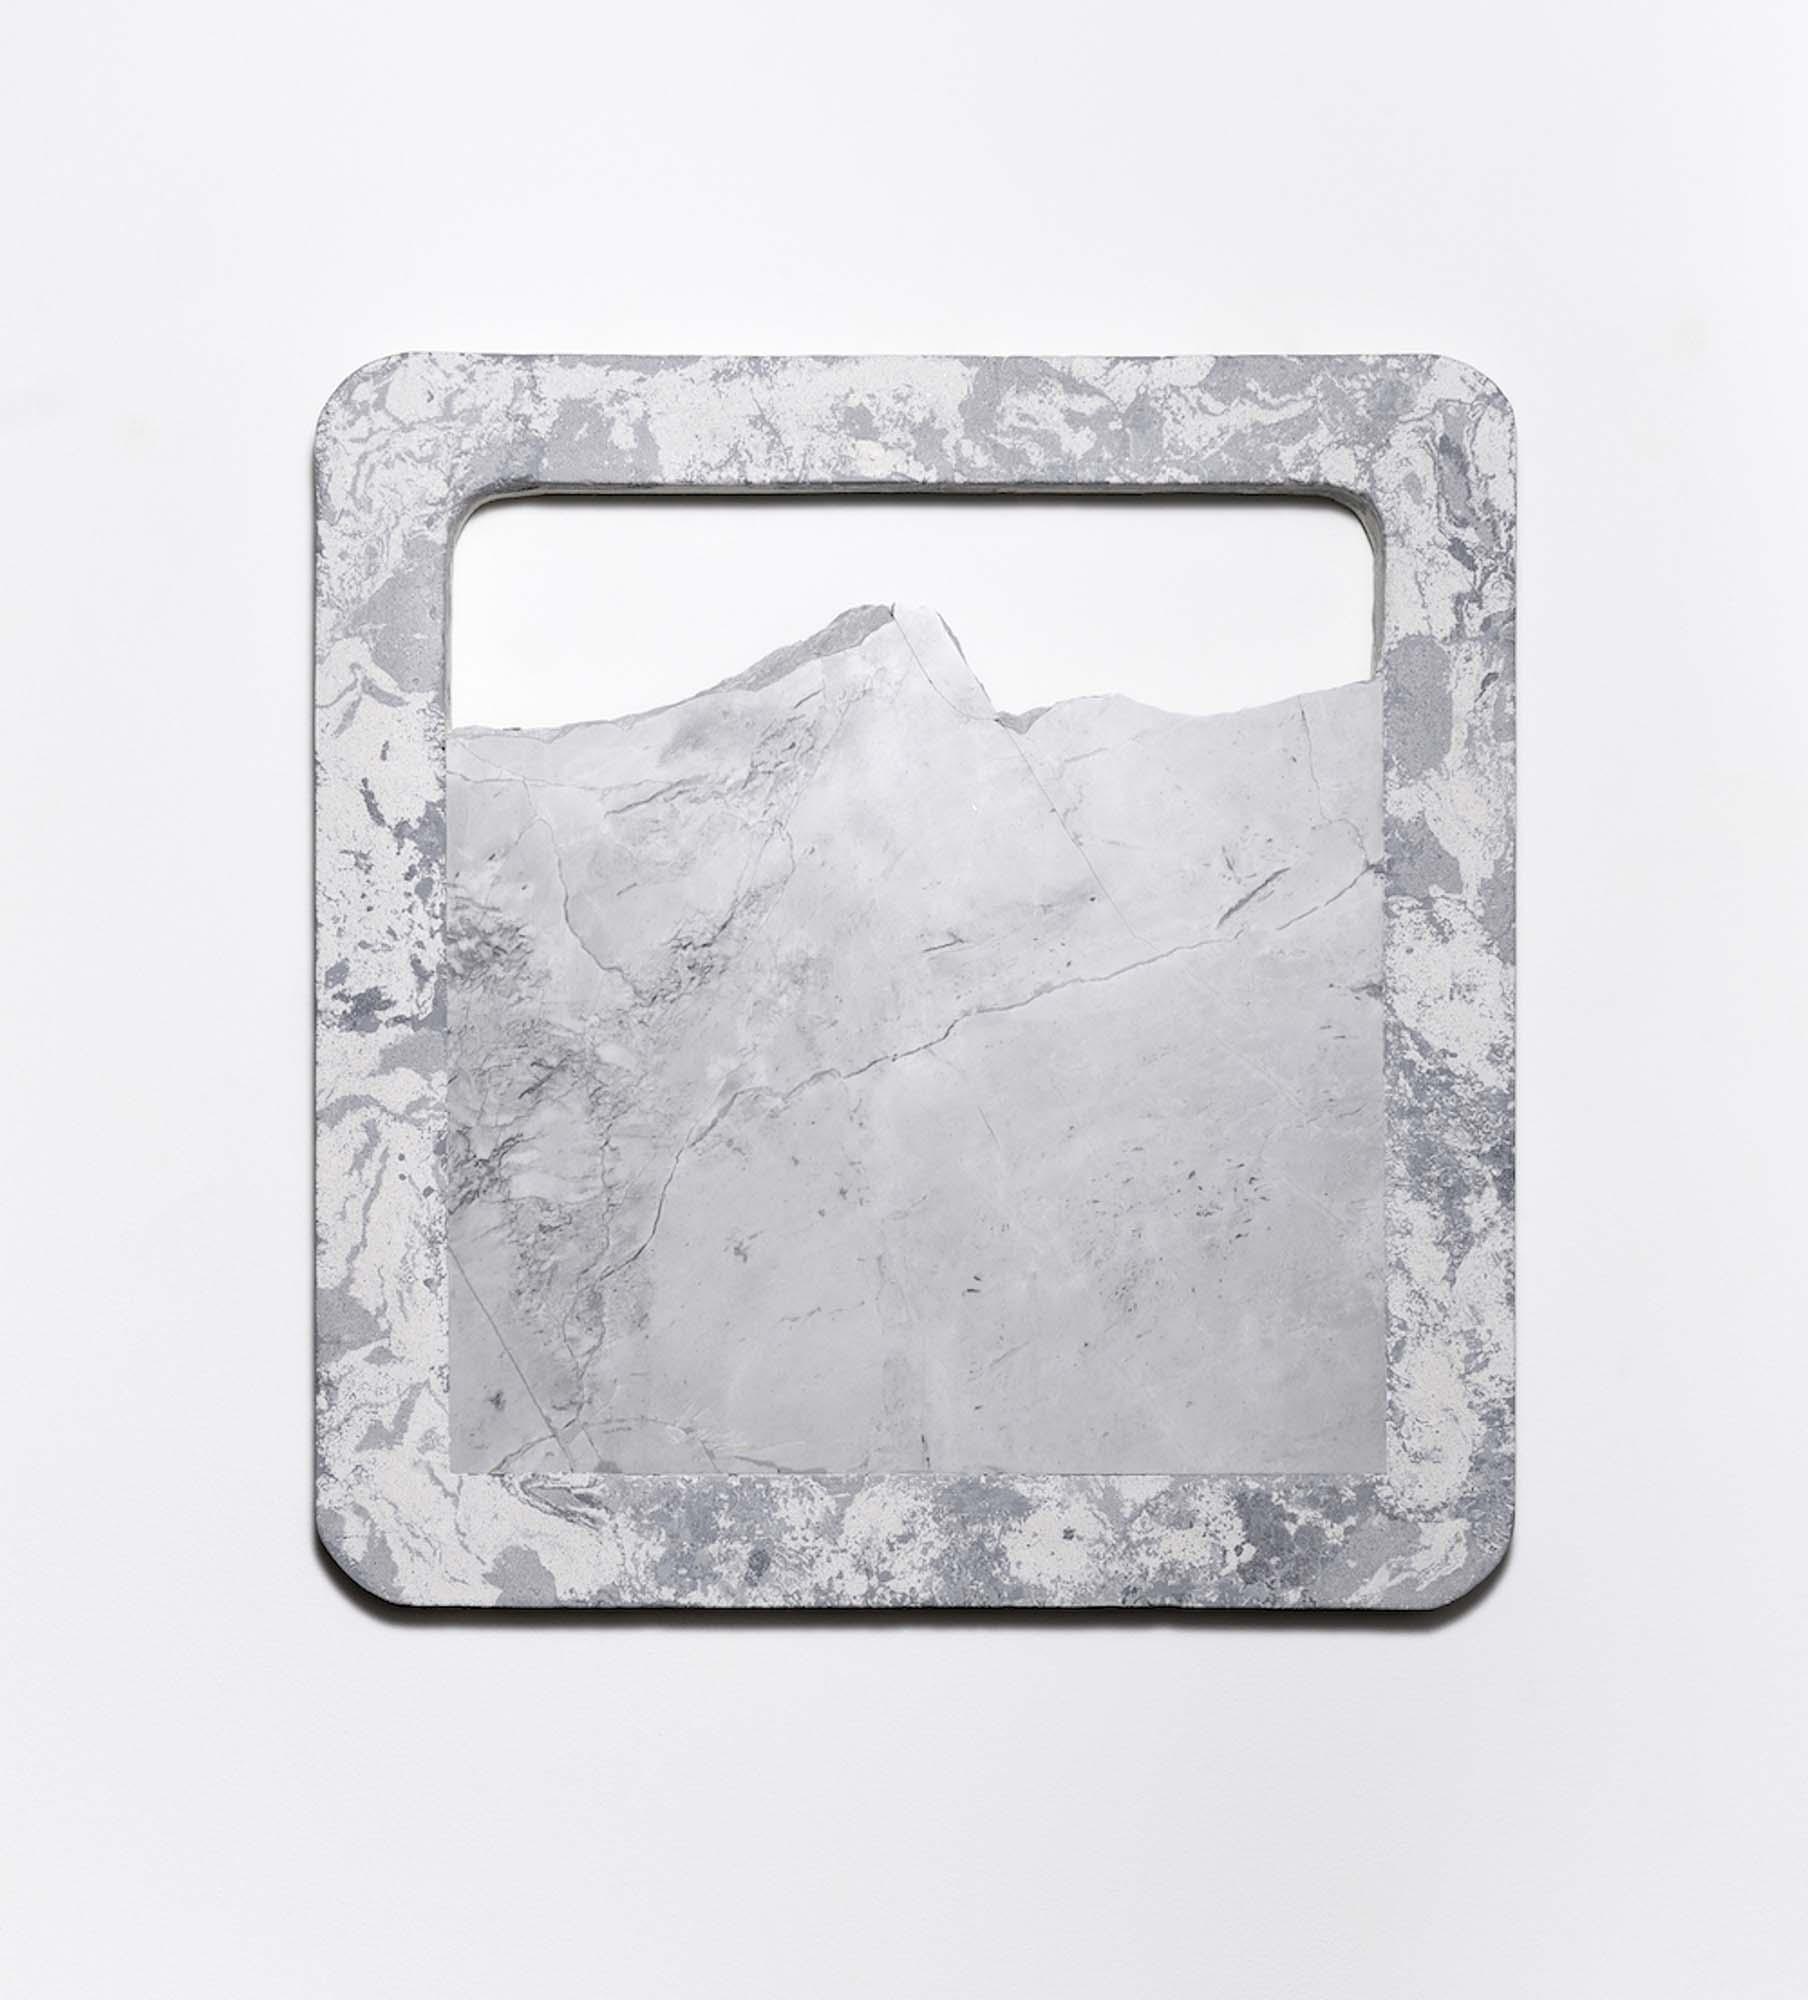 Rachel Mica Weiss, Bound Landscape I. 2018. Cast concrete, pigment, marble. 29